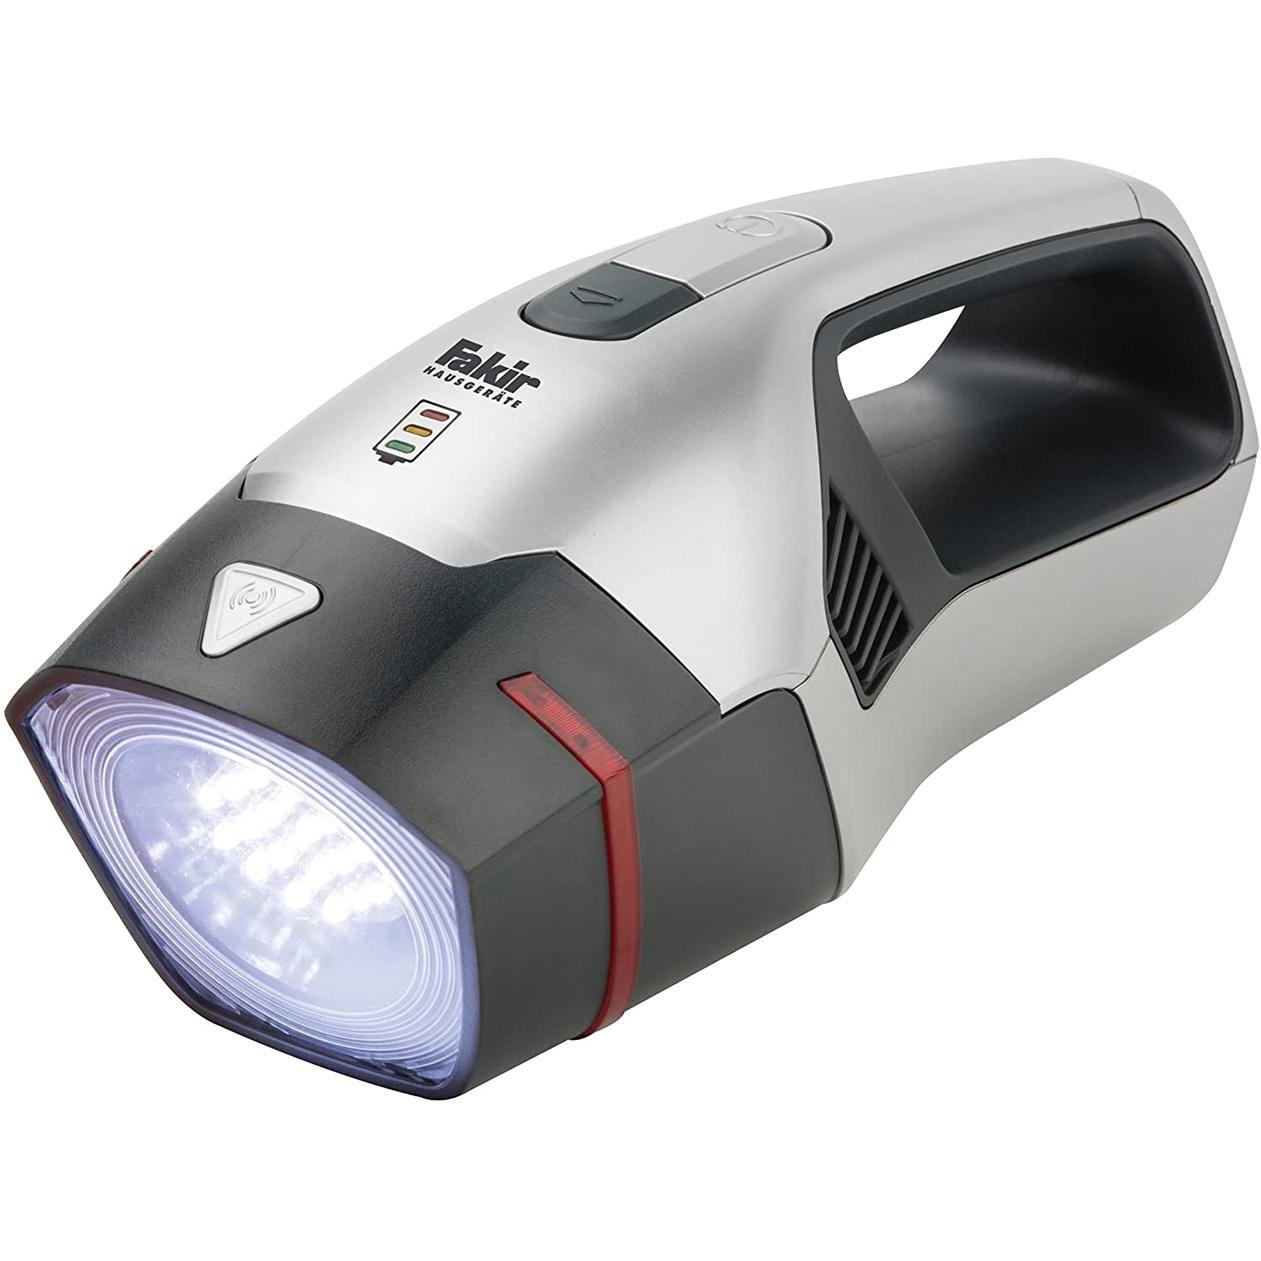 چراغ قوه فکر مدل as premium 1108T CBC به همراه سری جاروشارژی